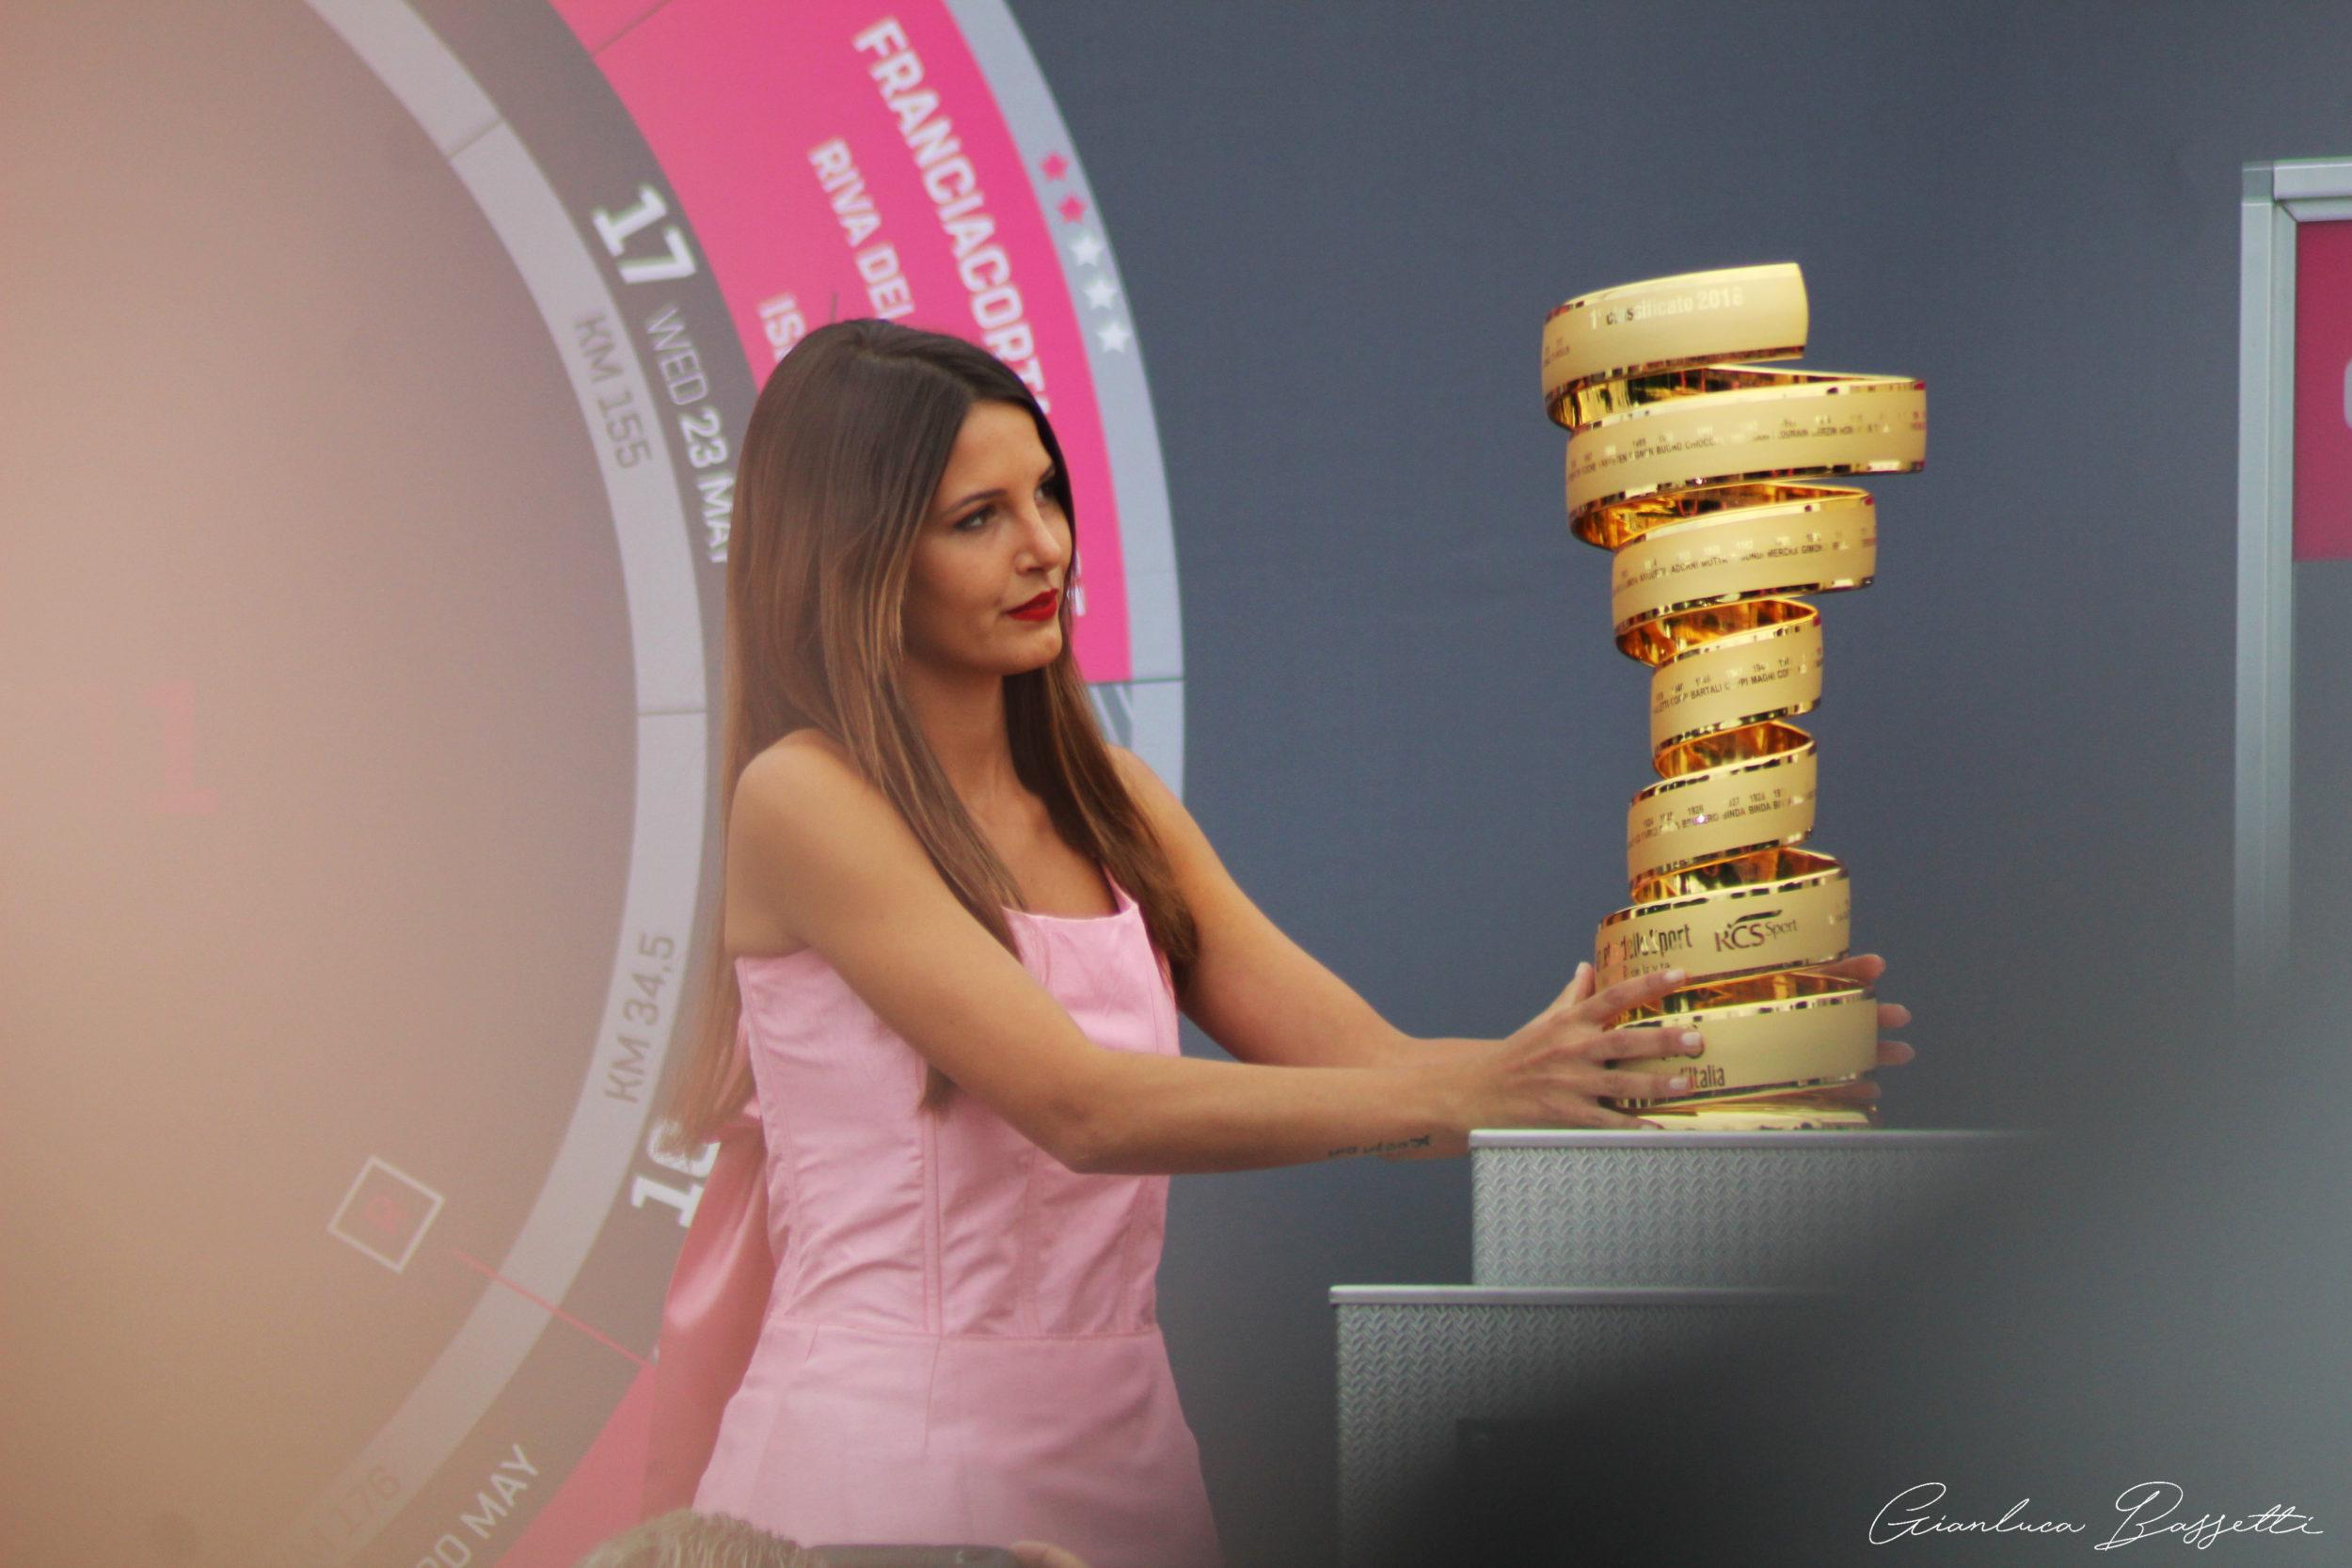 trofeum giro d'italia w asyżu 2018